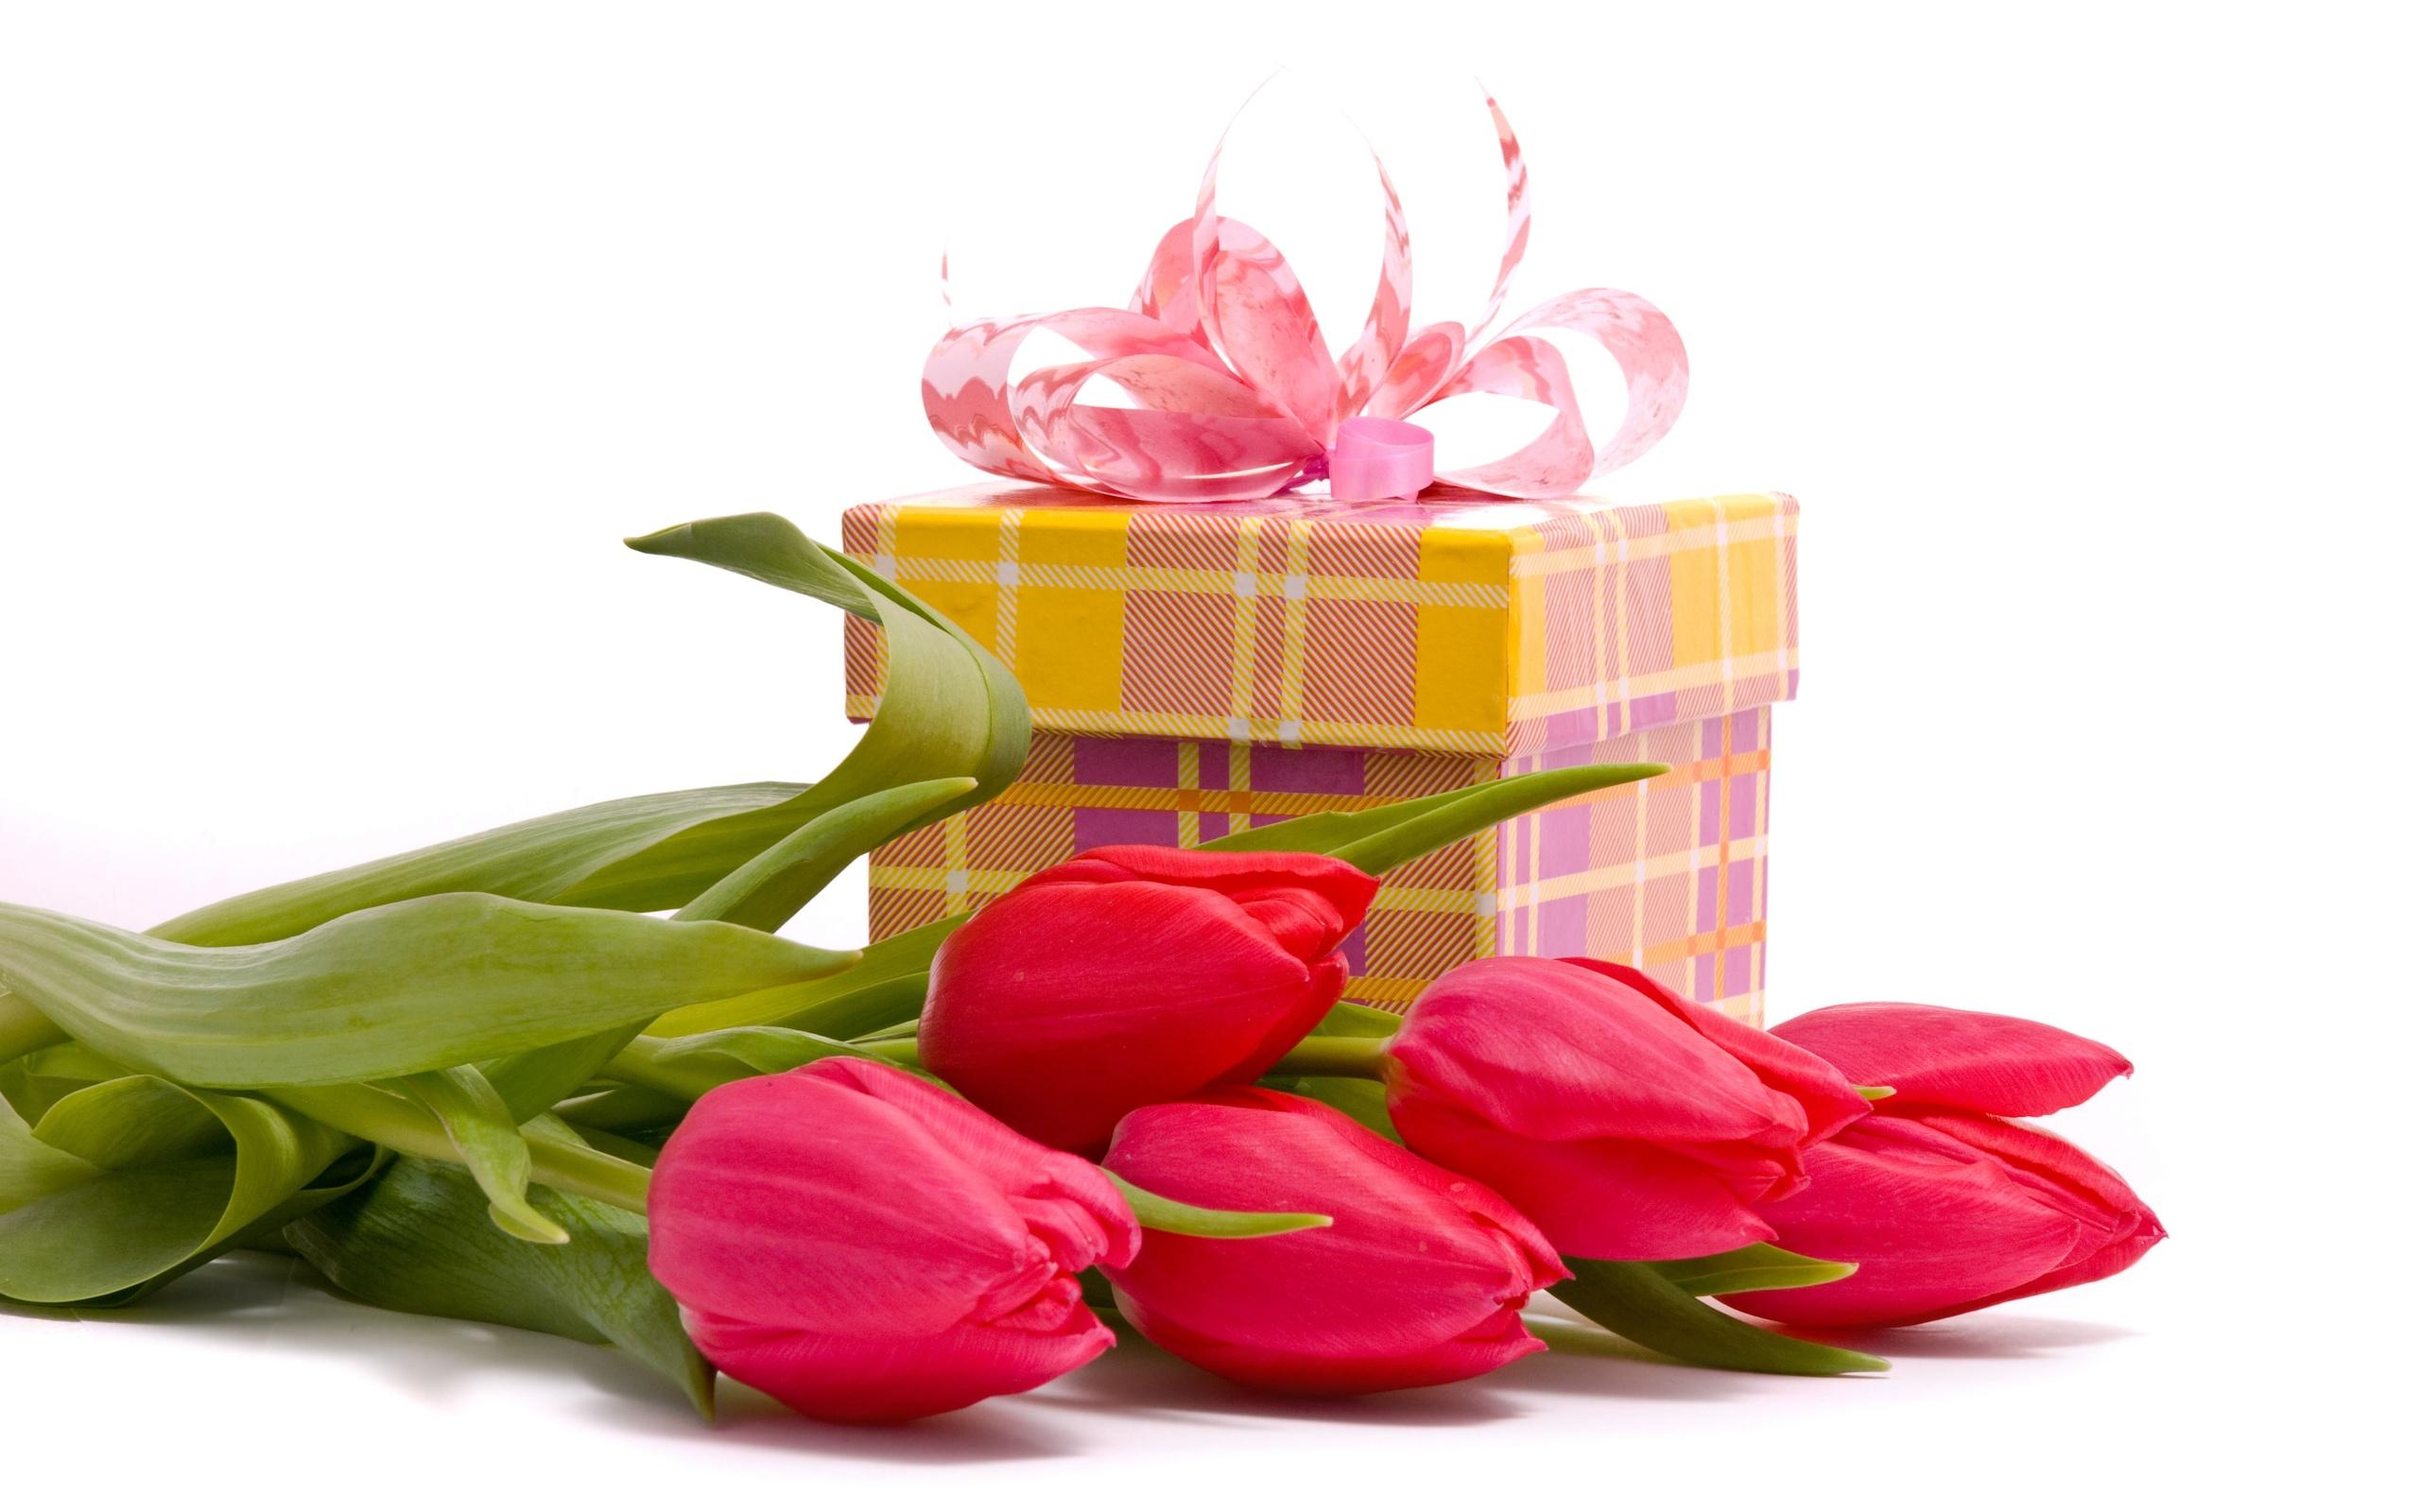 Букет цветов к дню рождения, фото. Купить с доставкой 56